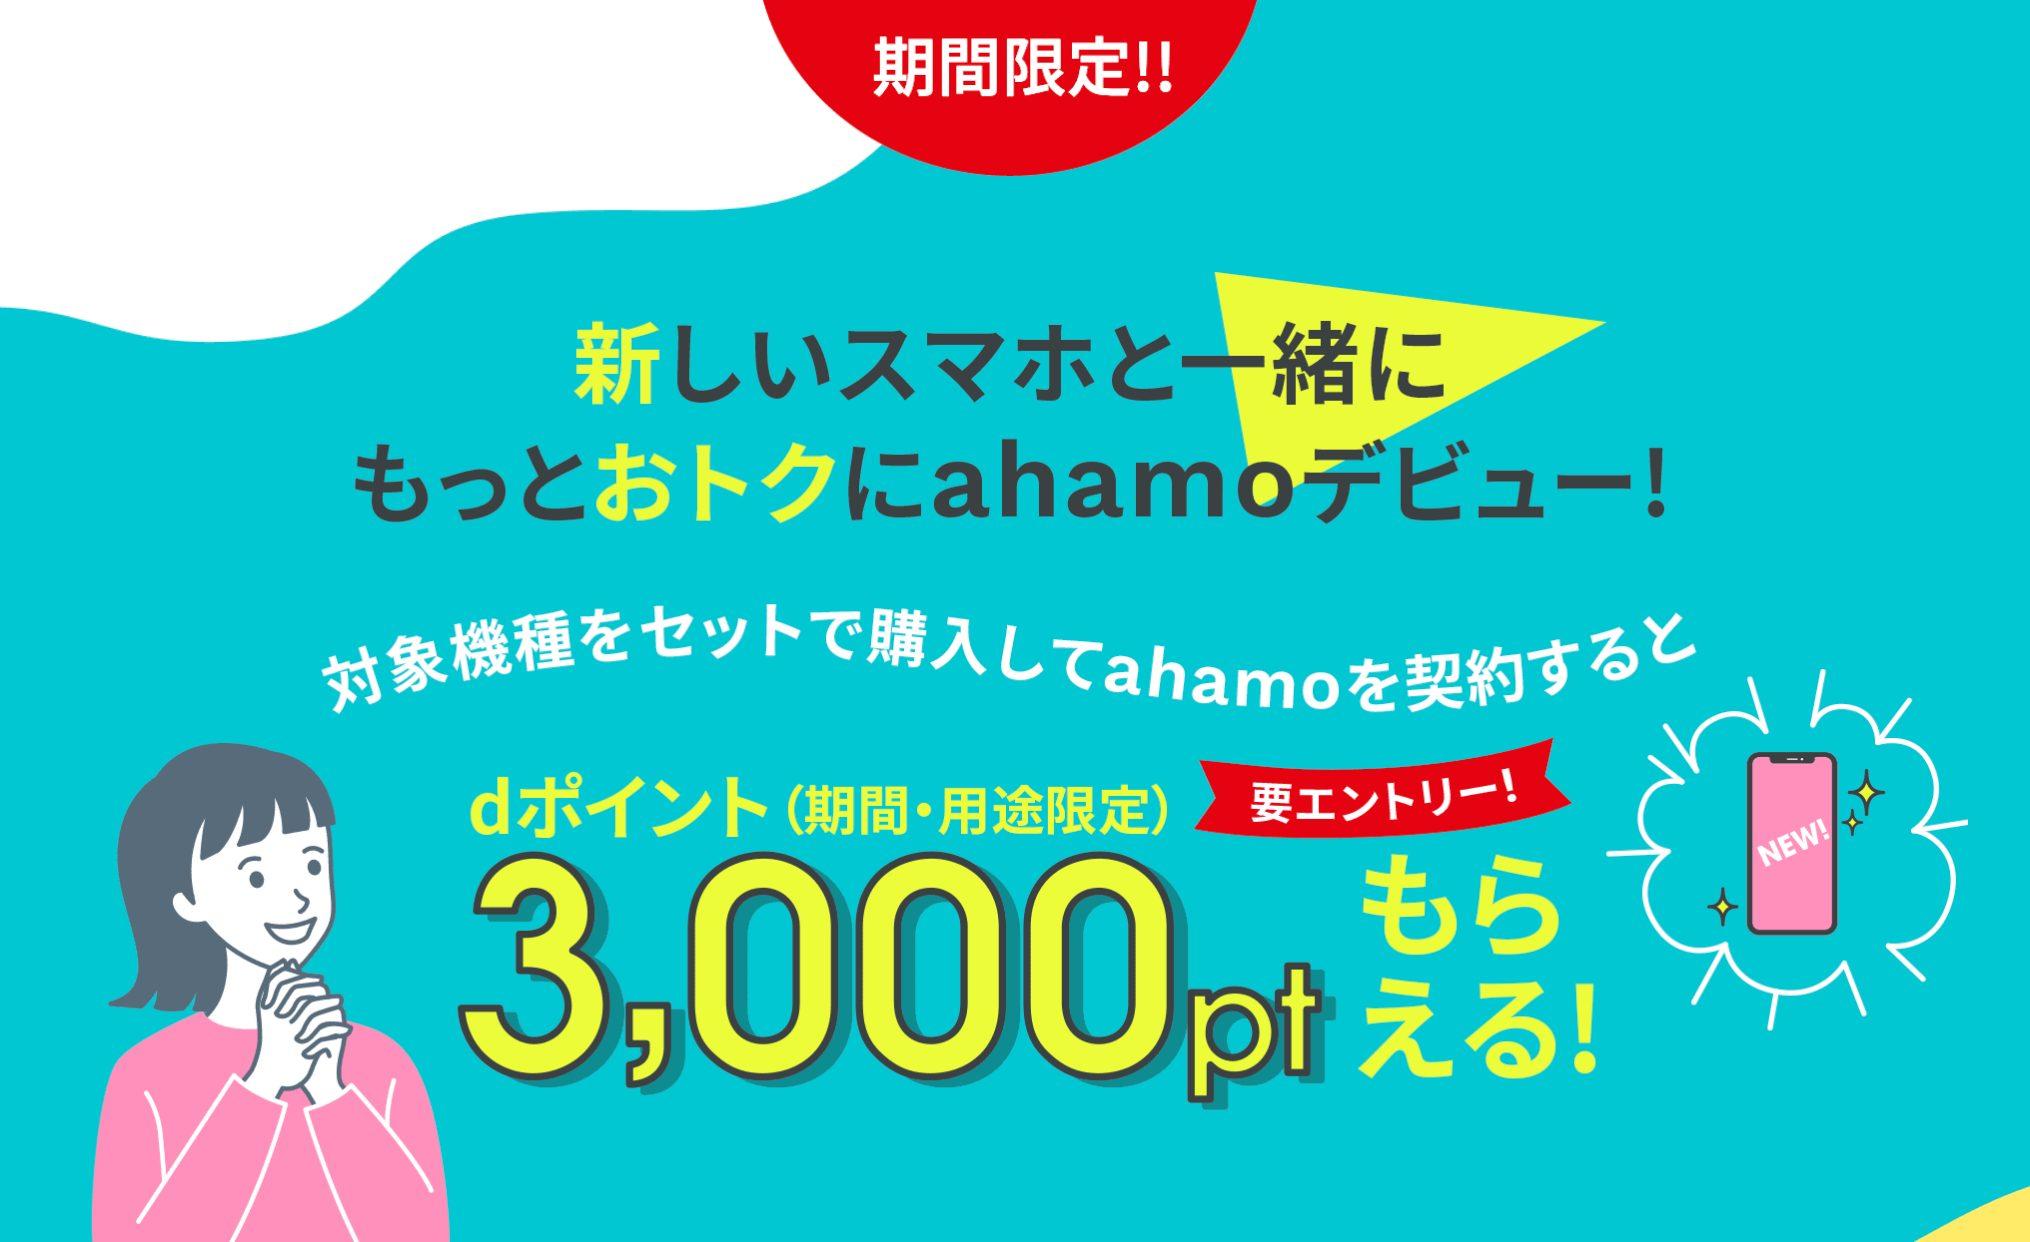 ahamoへ乗り換えor新規+端末の購入で3,000ポイント